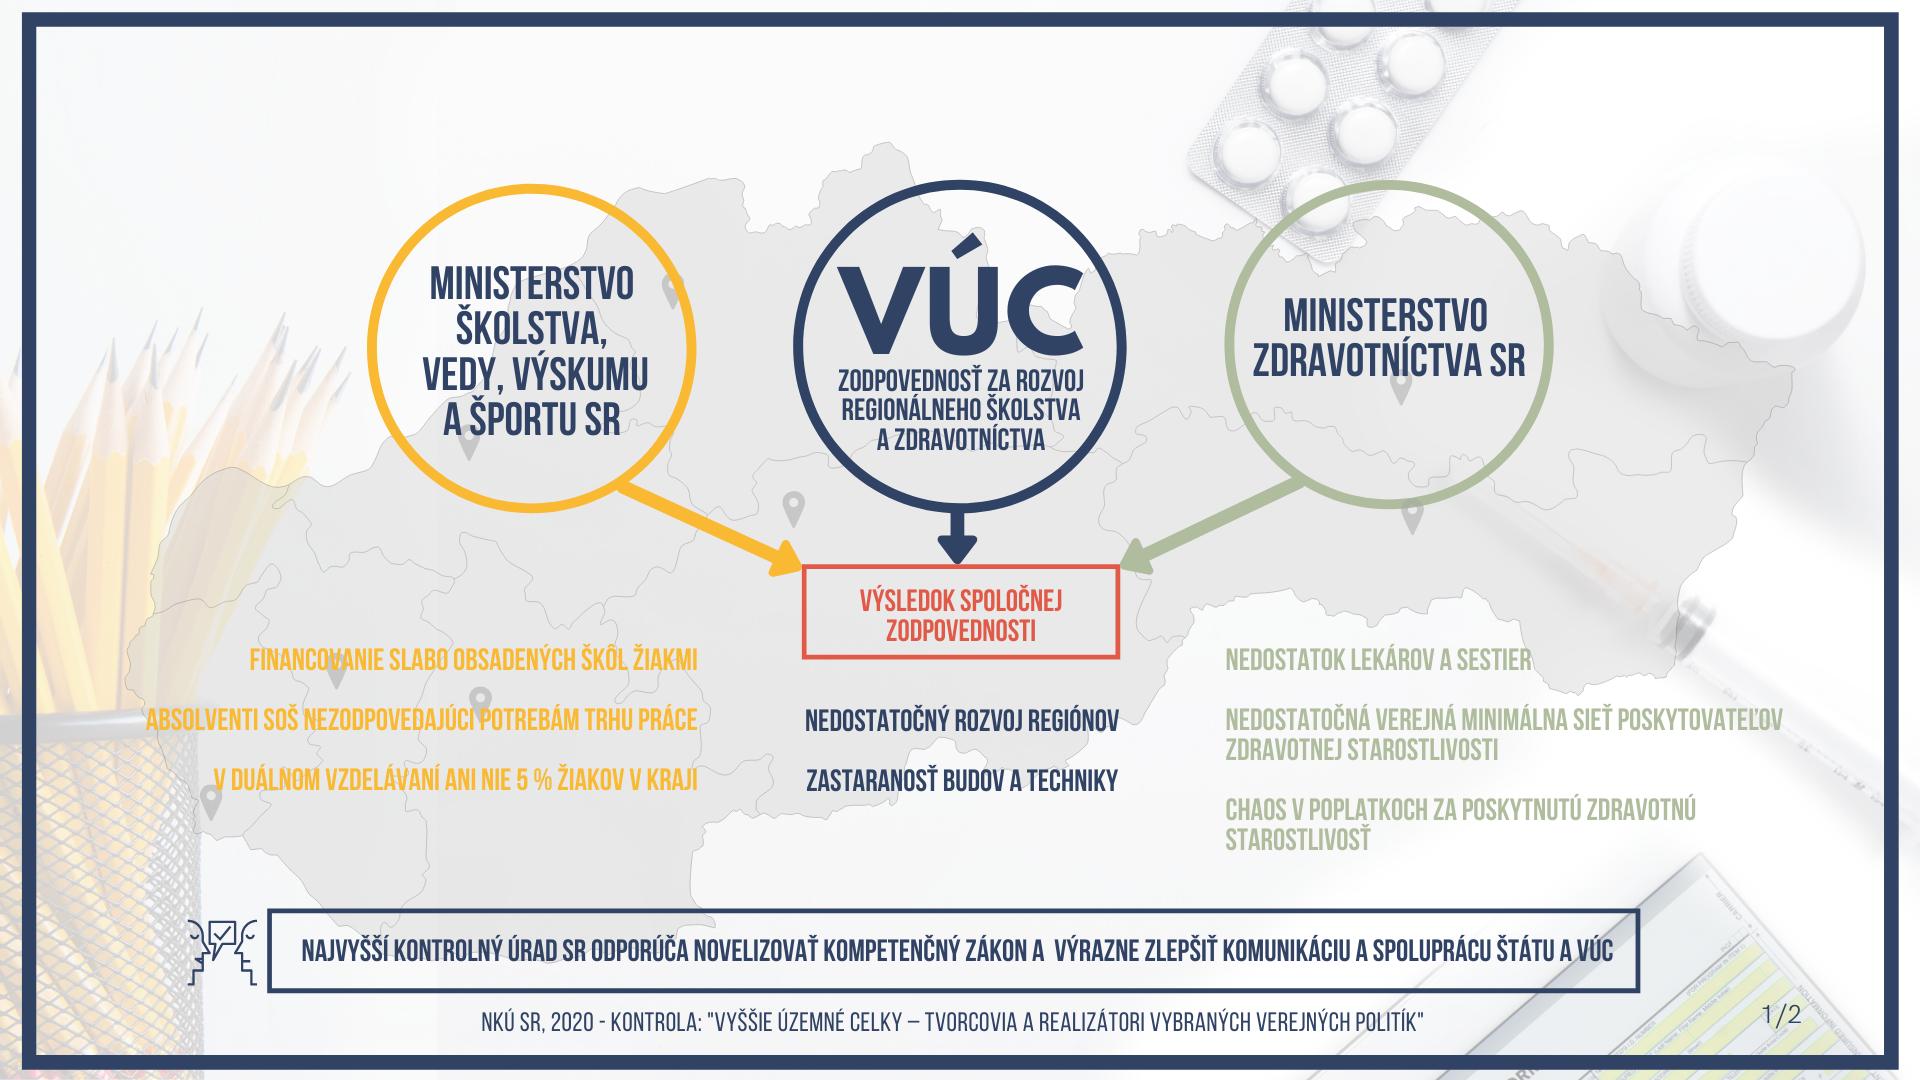 Infografika - VÚC - zhrnutie